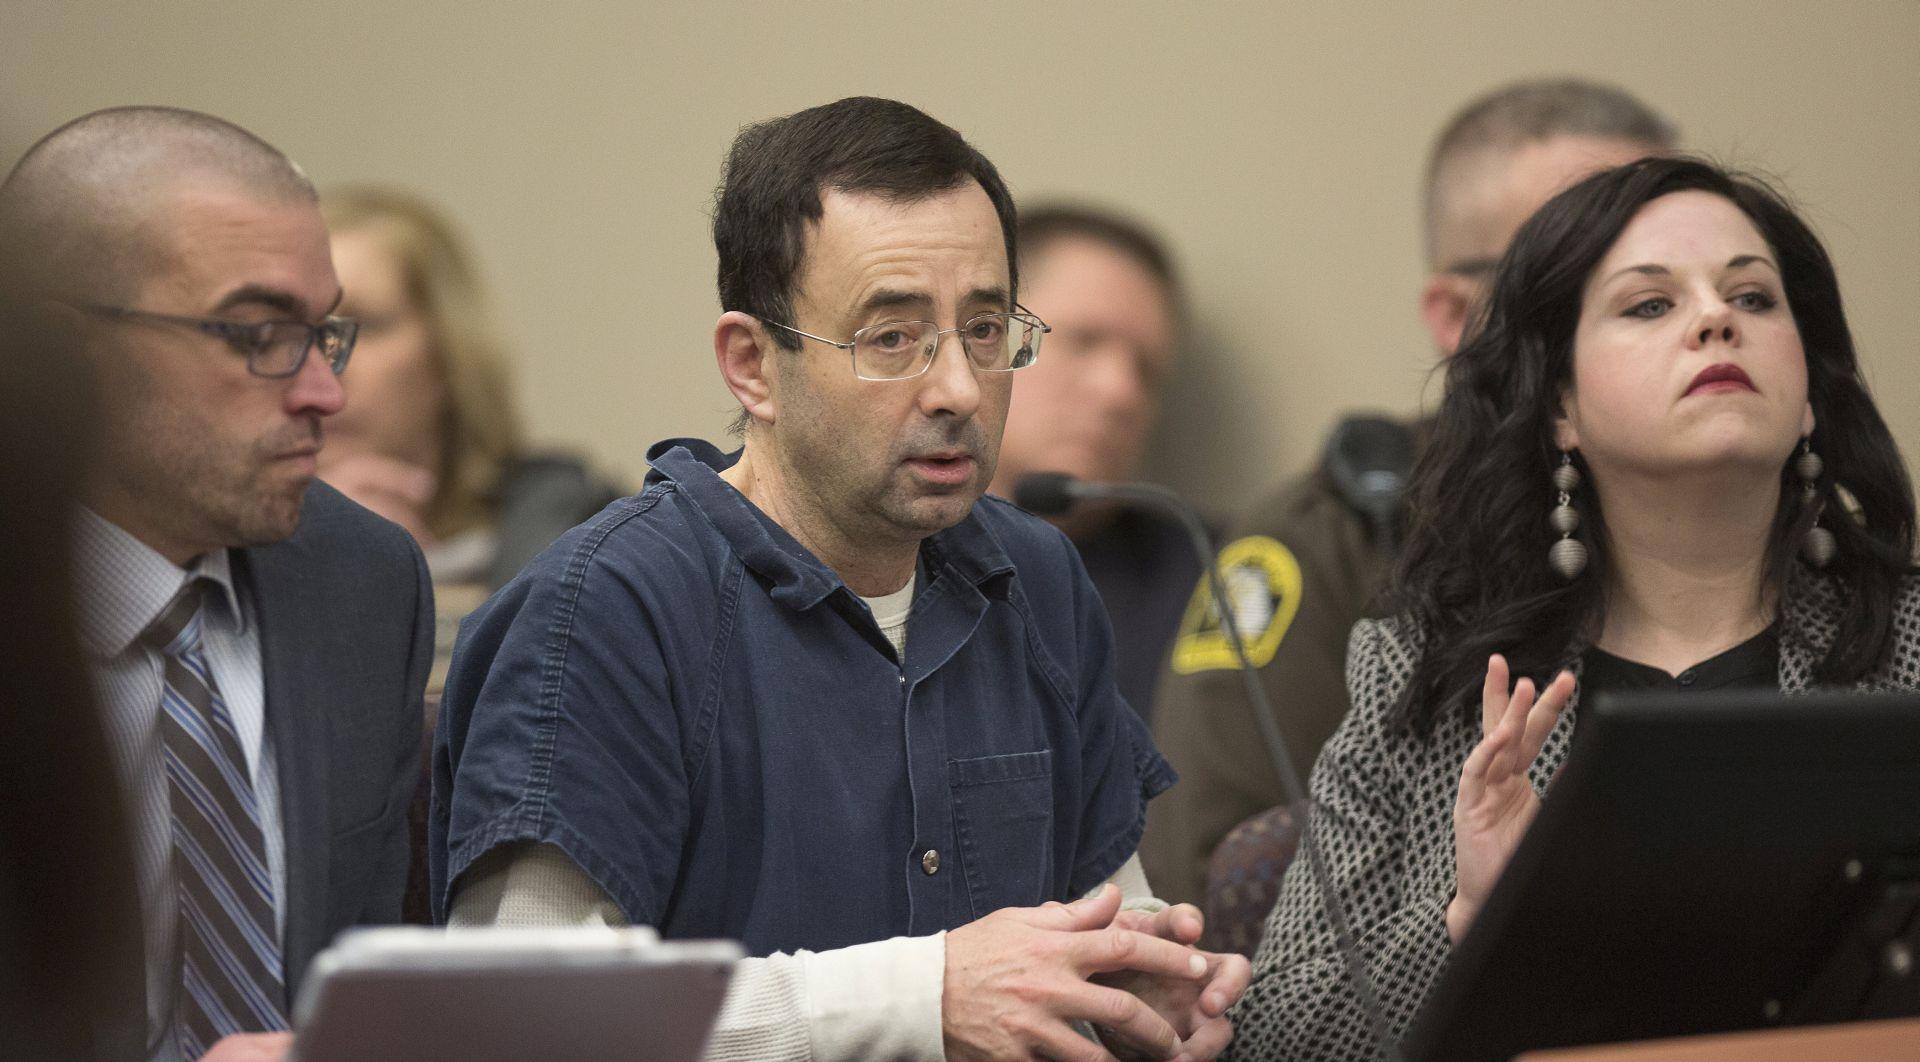 Žrtve spolnog zlostavljanja i sveučilište Michigan dogovorili odštetu od 500 milijuna dolara